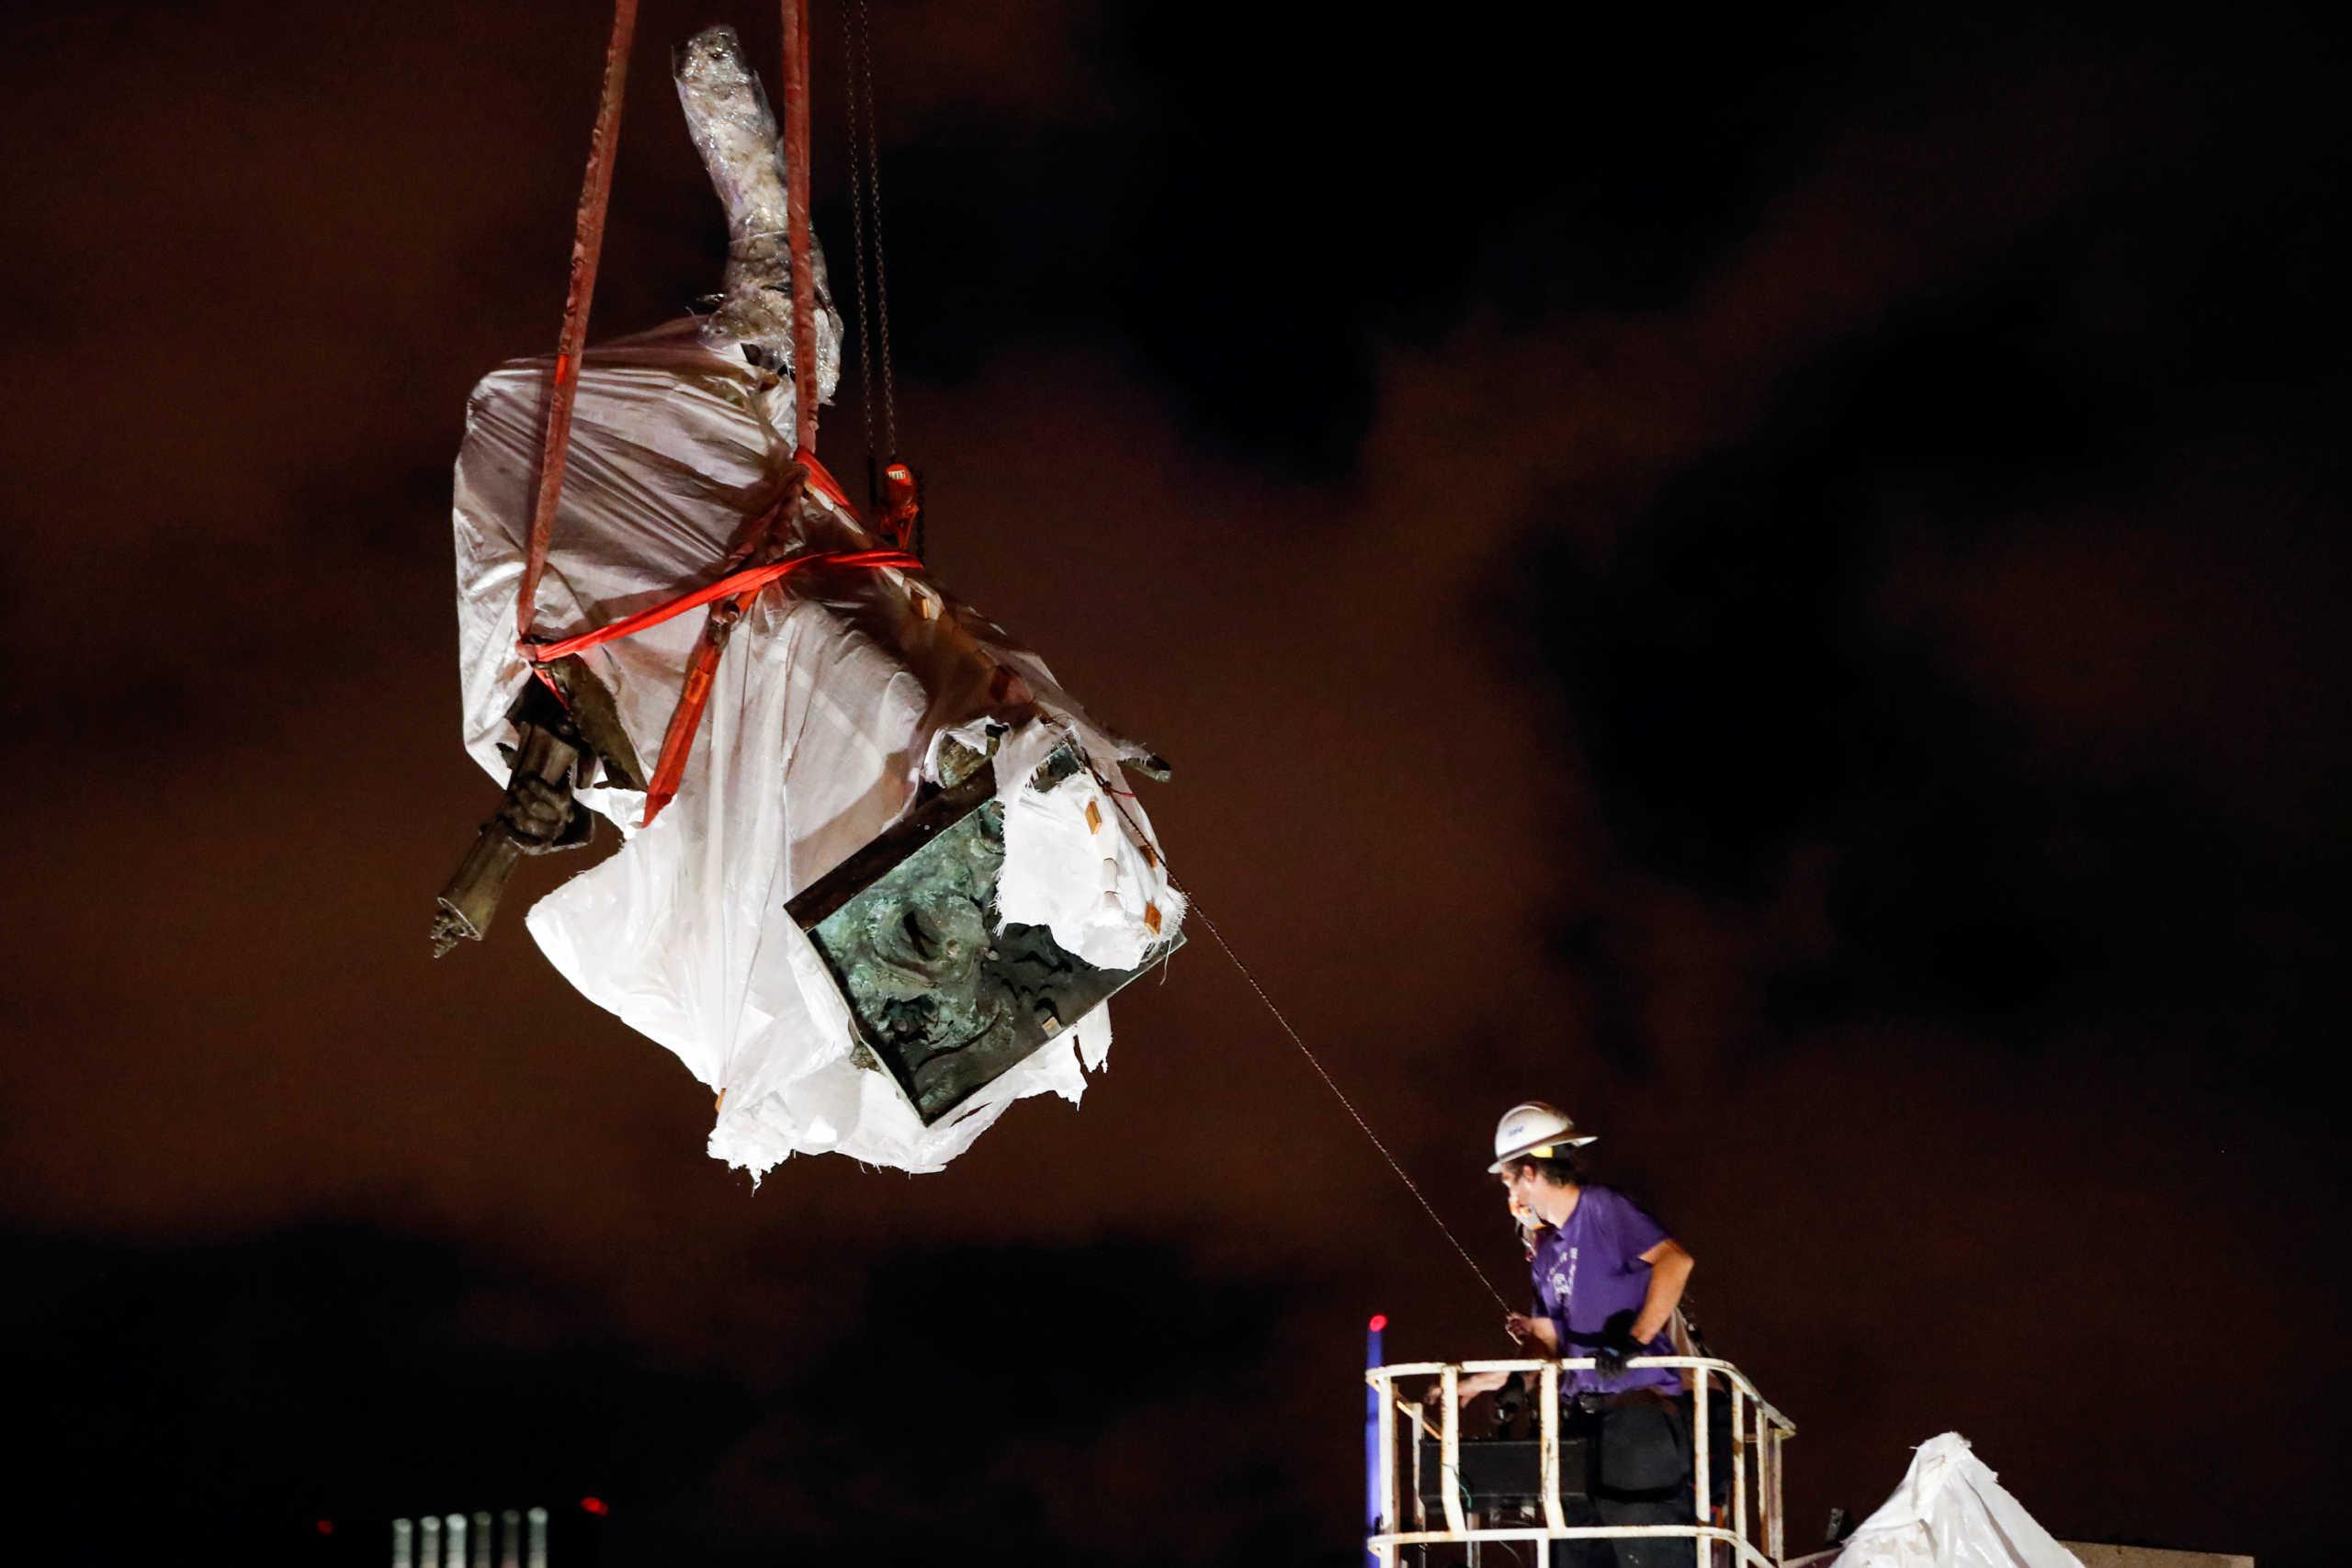 Αποκαθήλωση και για τον Κολόμβο – Απομακρύνθηκαν δυο αγάλματα από το Σικάγο